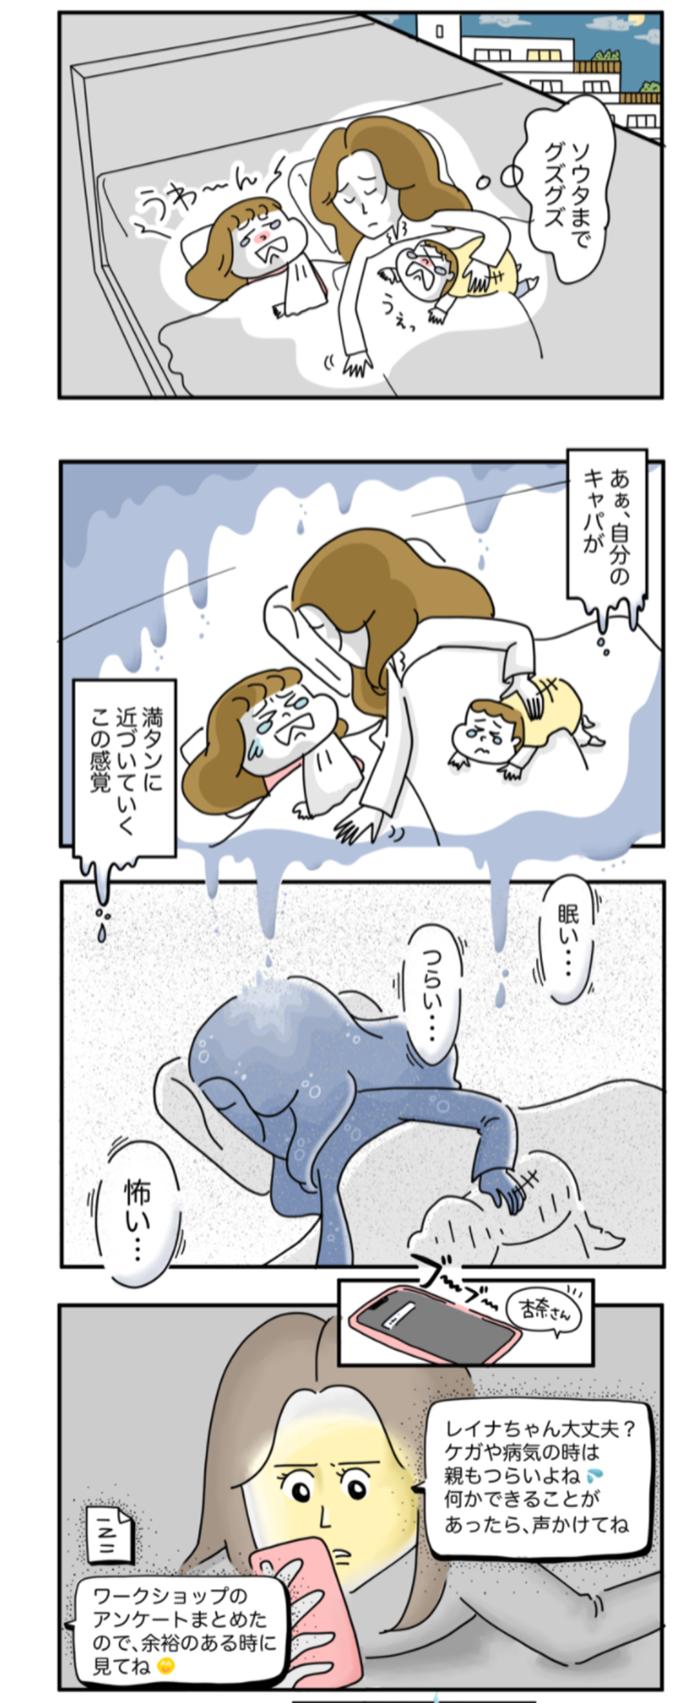 「ごねる娘の説得方法」「先生を泣かせるはずだったのに」…おすすめ記事!の画像5